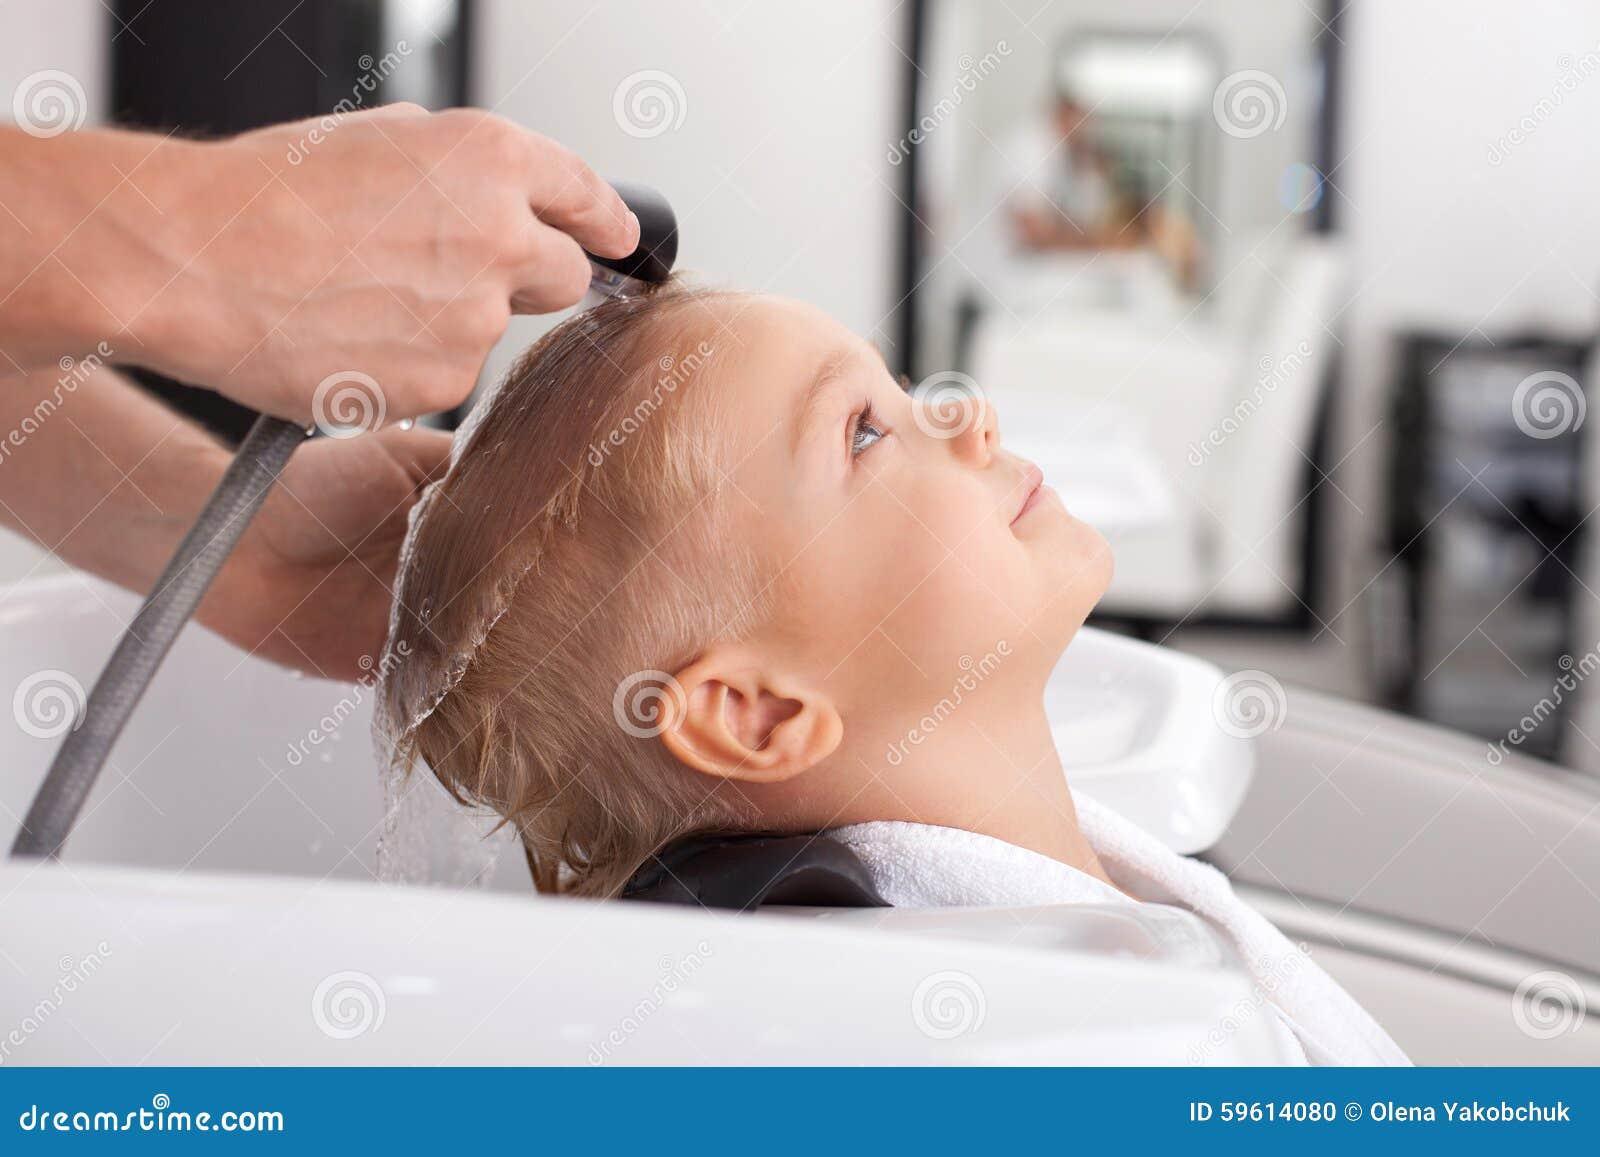 having hair